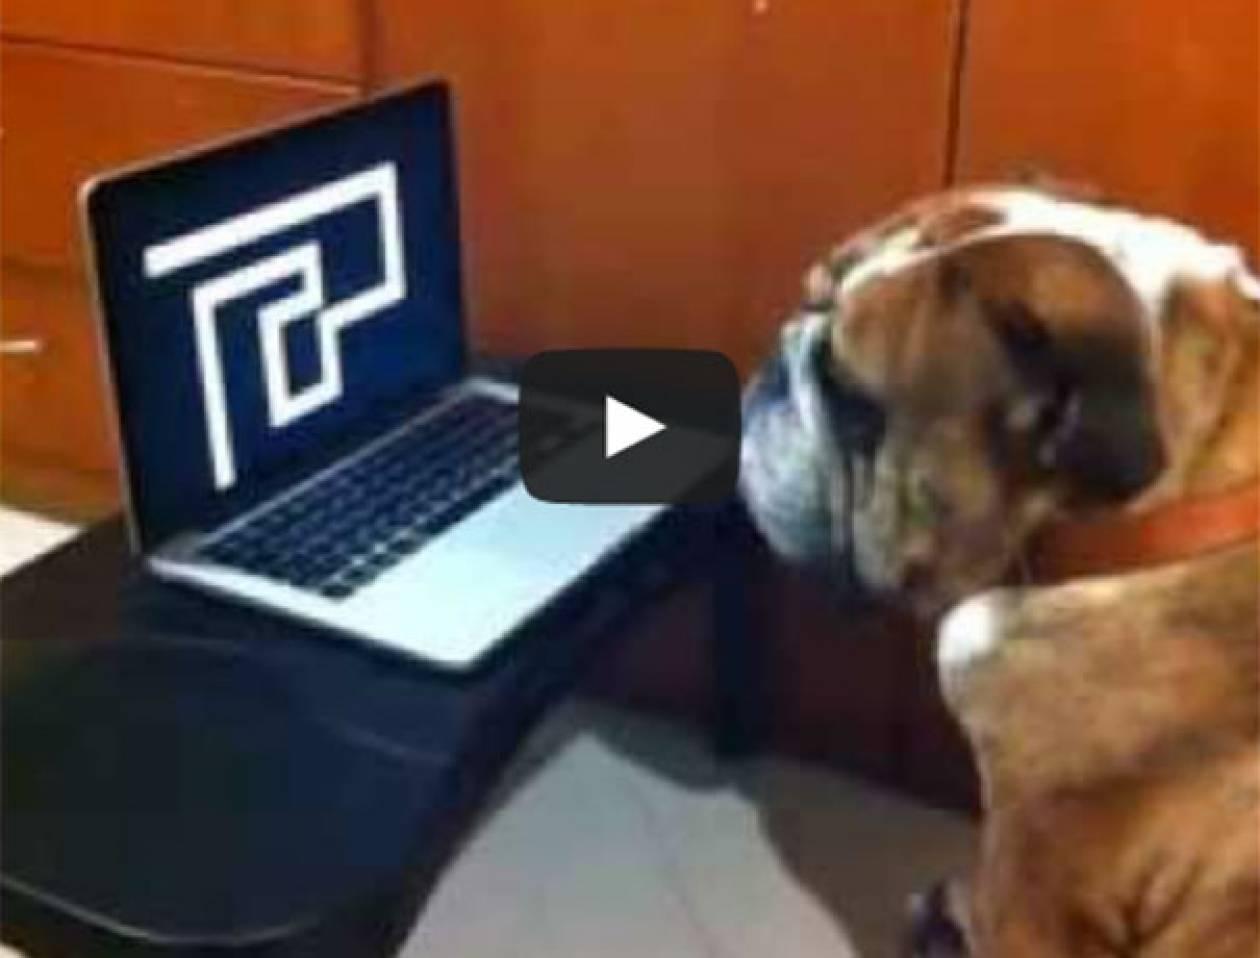 Βίντεο: Σκύλος παρακολουθεί την τρομακτική φάρσα με τον λαβύρινθο